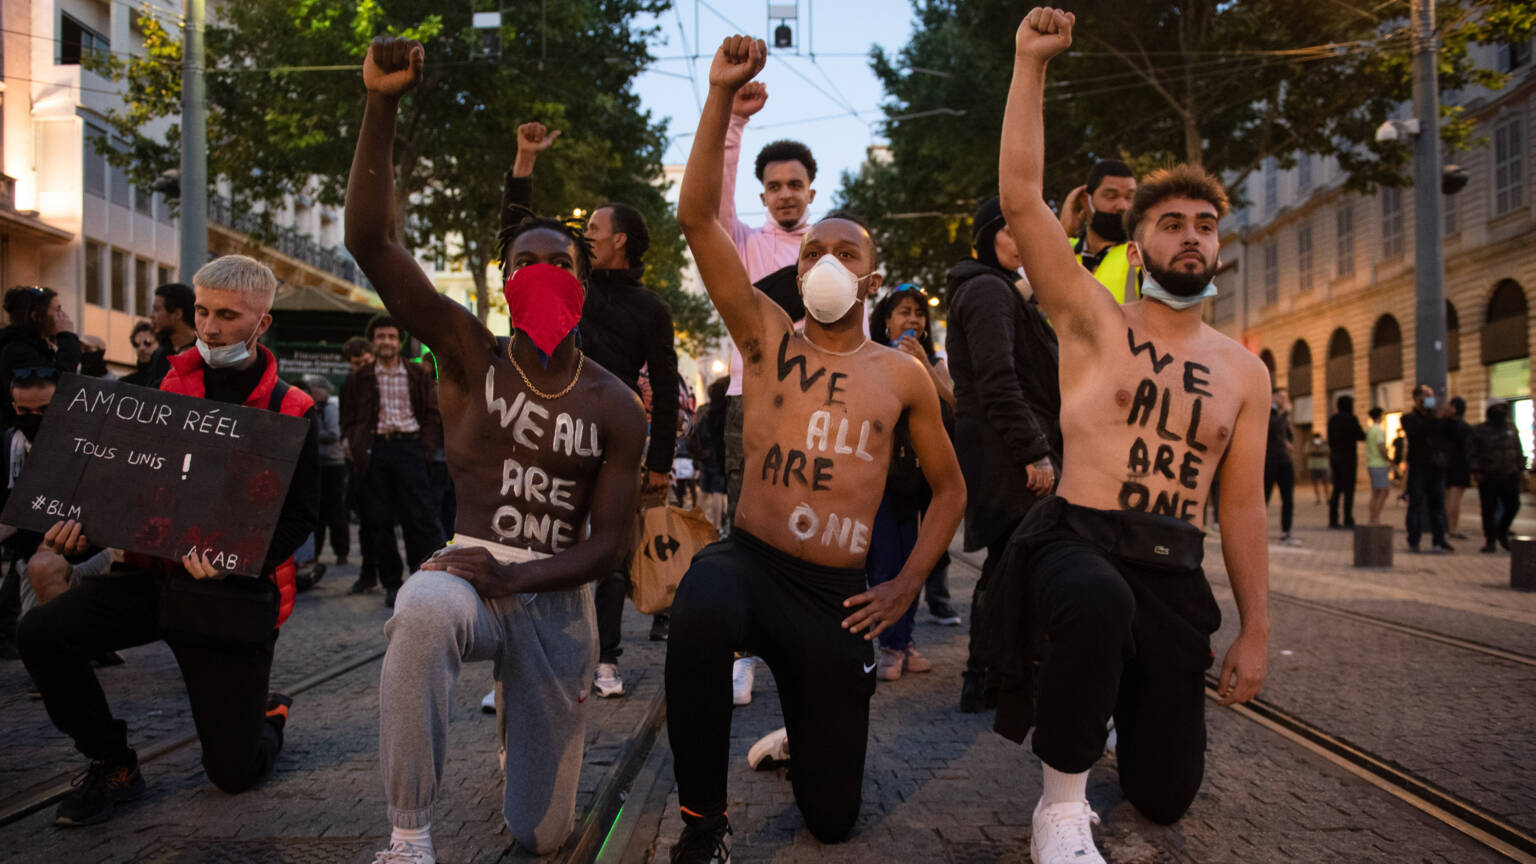 Anti-racist demonstrators in Marseille, France this week